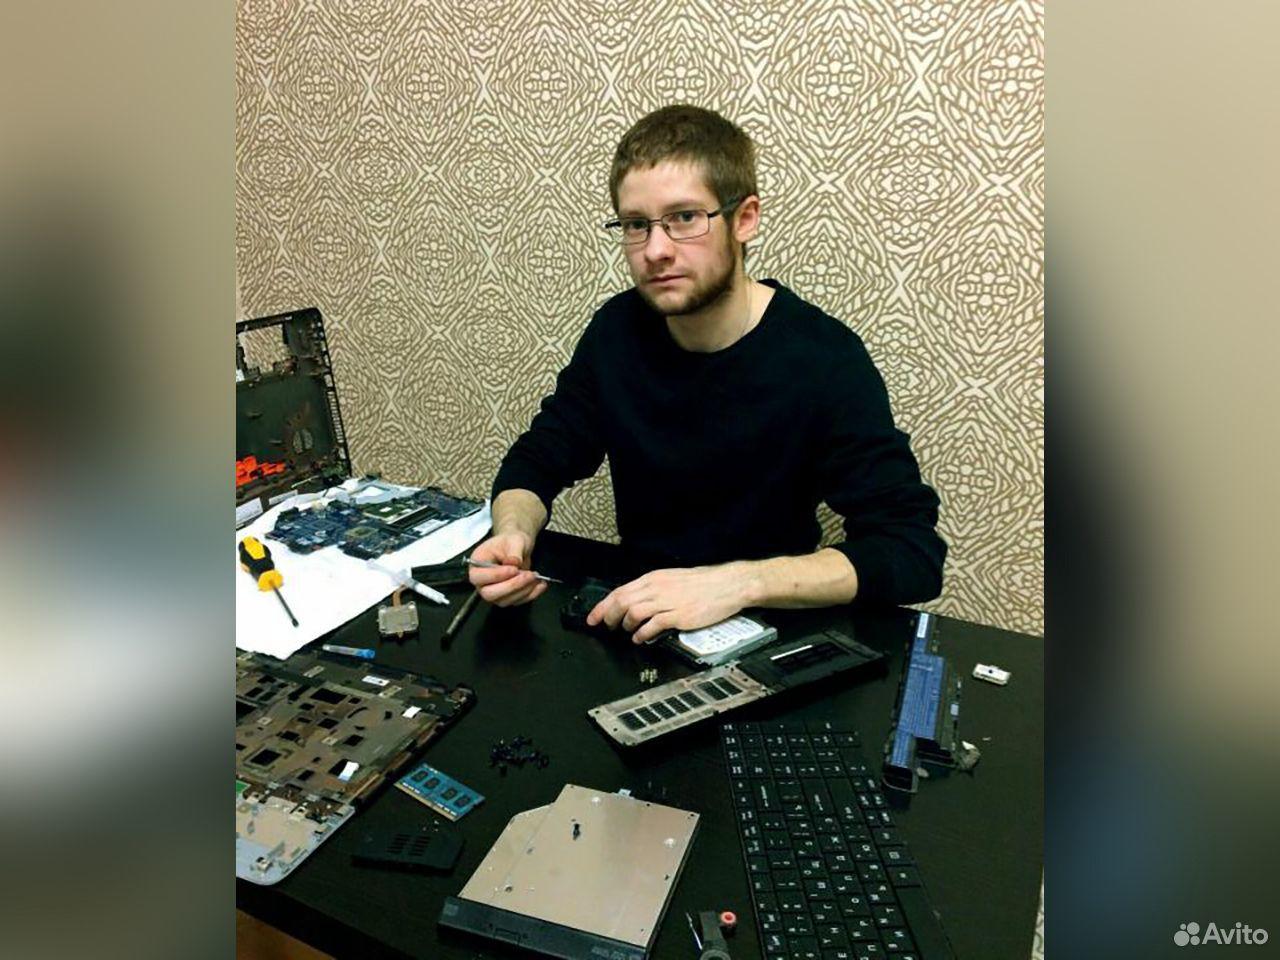 Ремонт Ноутбуков Ремонт компьютеров  89626911993 купить 1